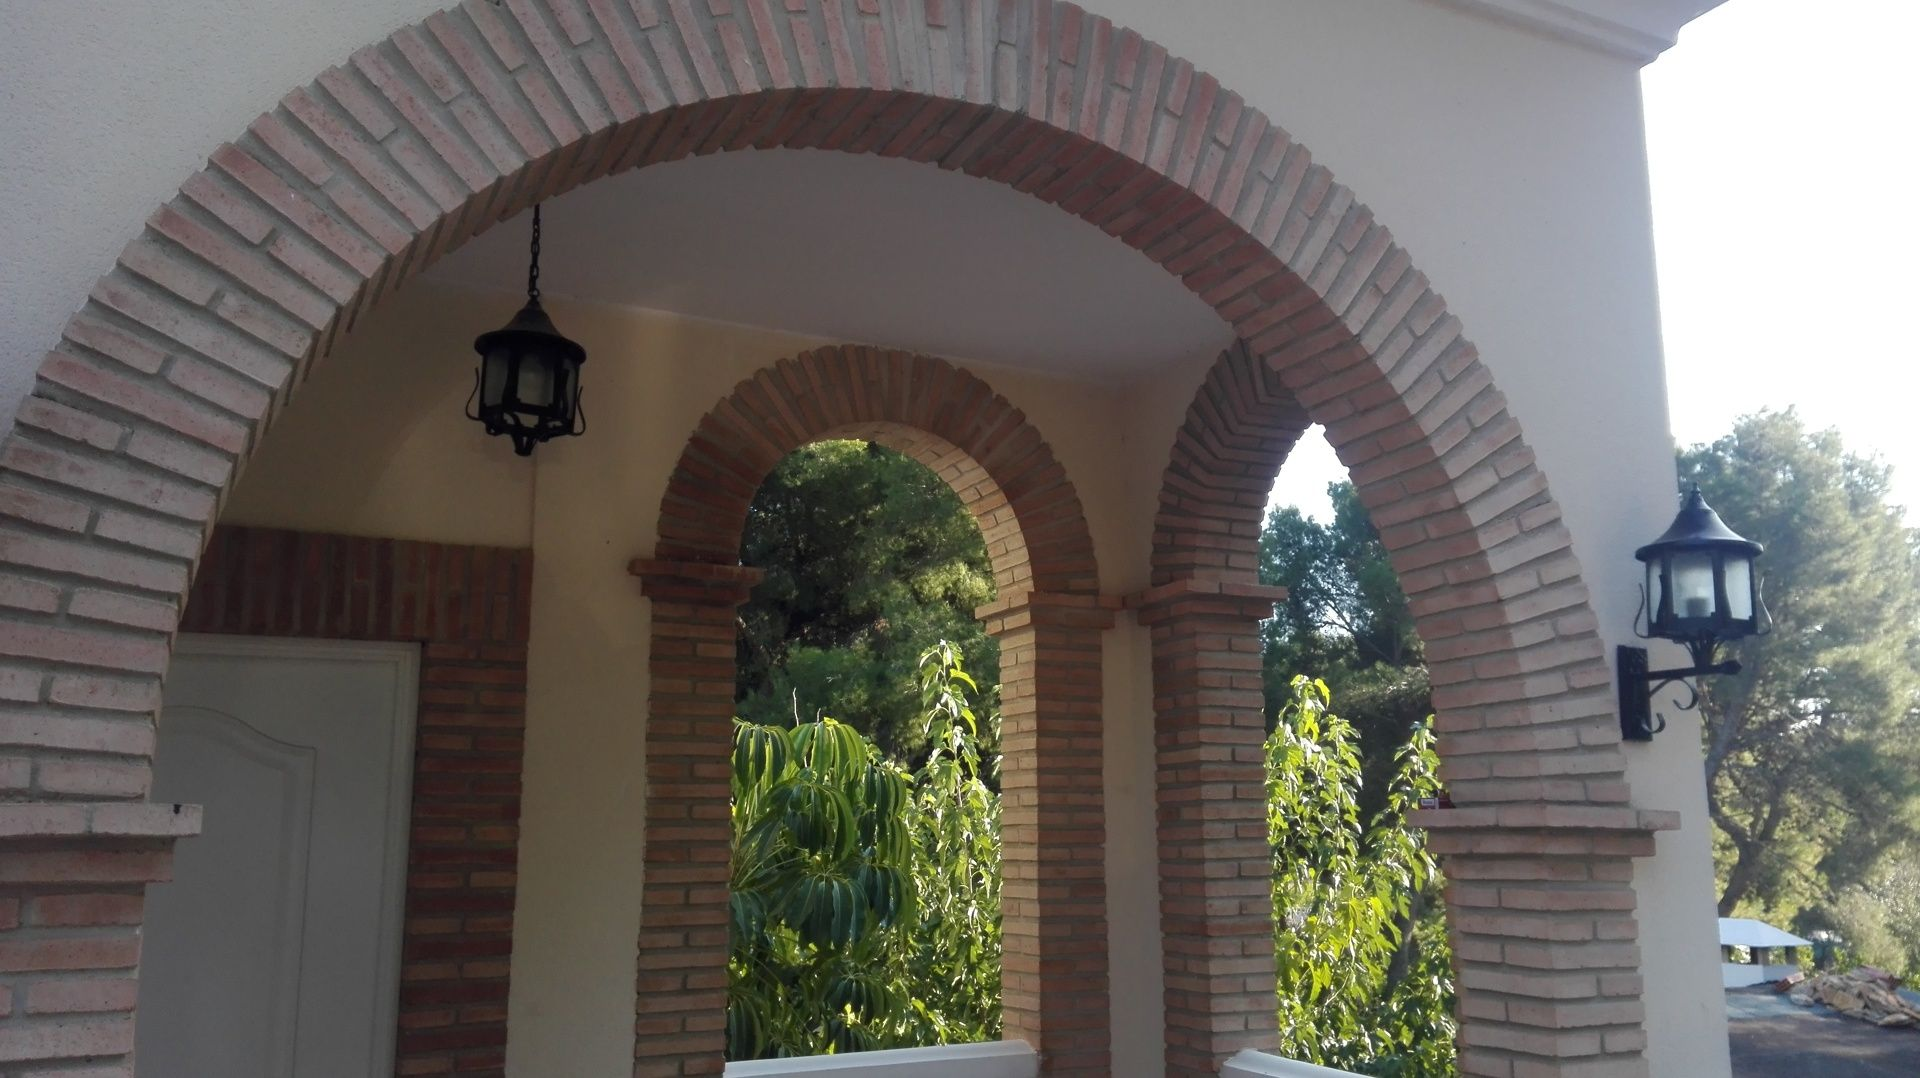 Arcos Ladrillo Manual Ventanas De Arco Ladrillo Casa Con Arcos